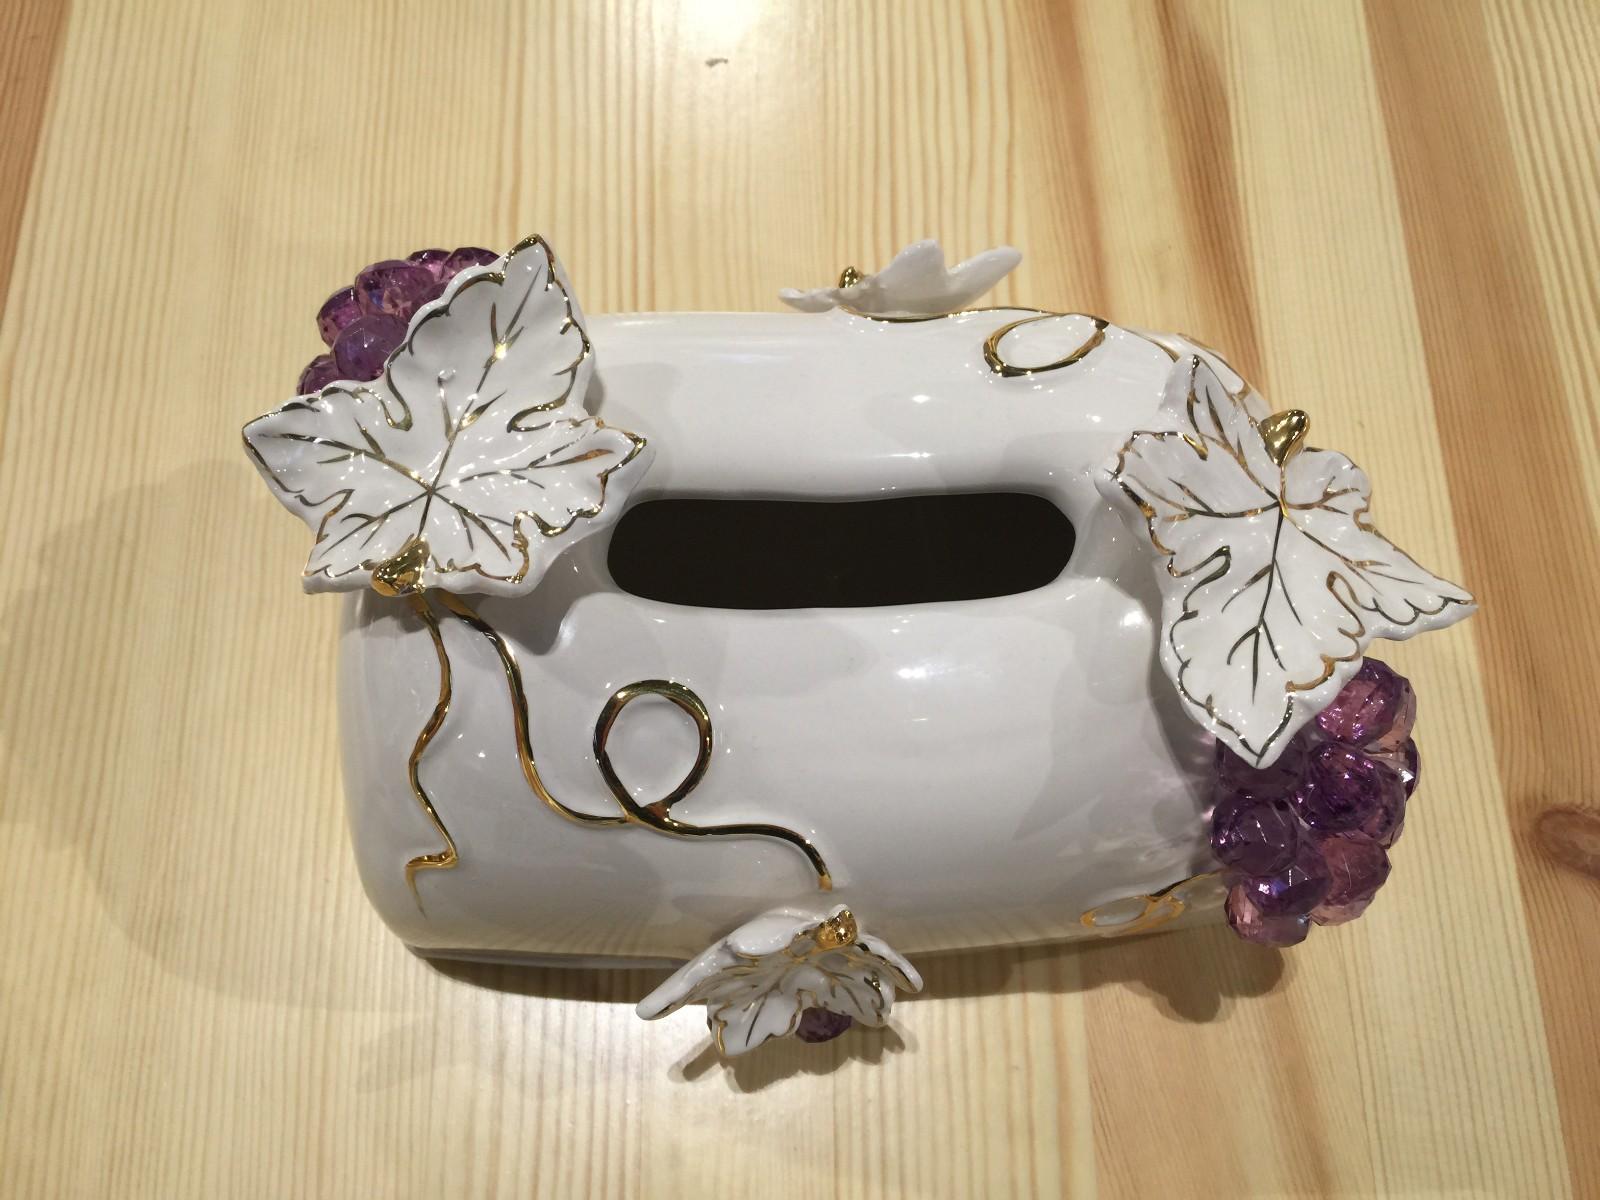 俄罗斯 纸巾盒 家具 装饰摆件图片四